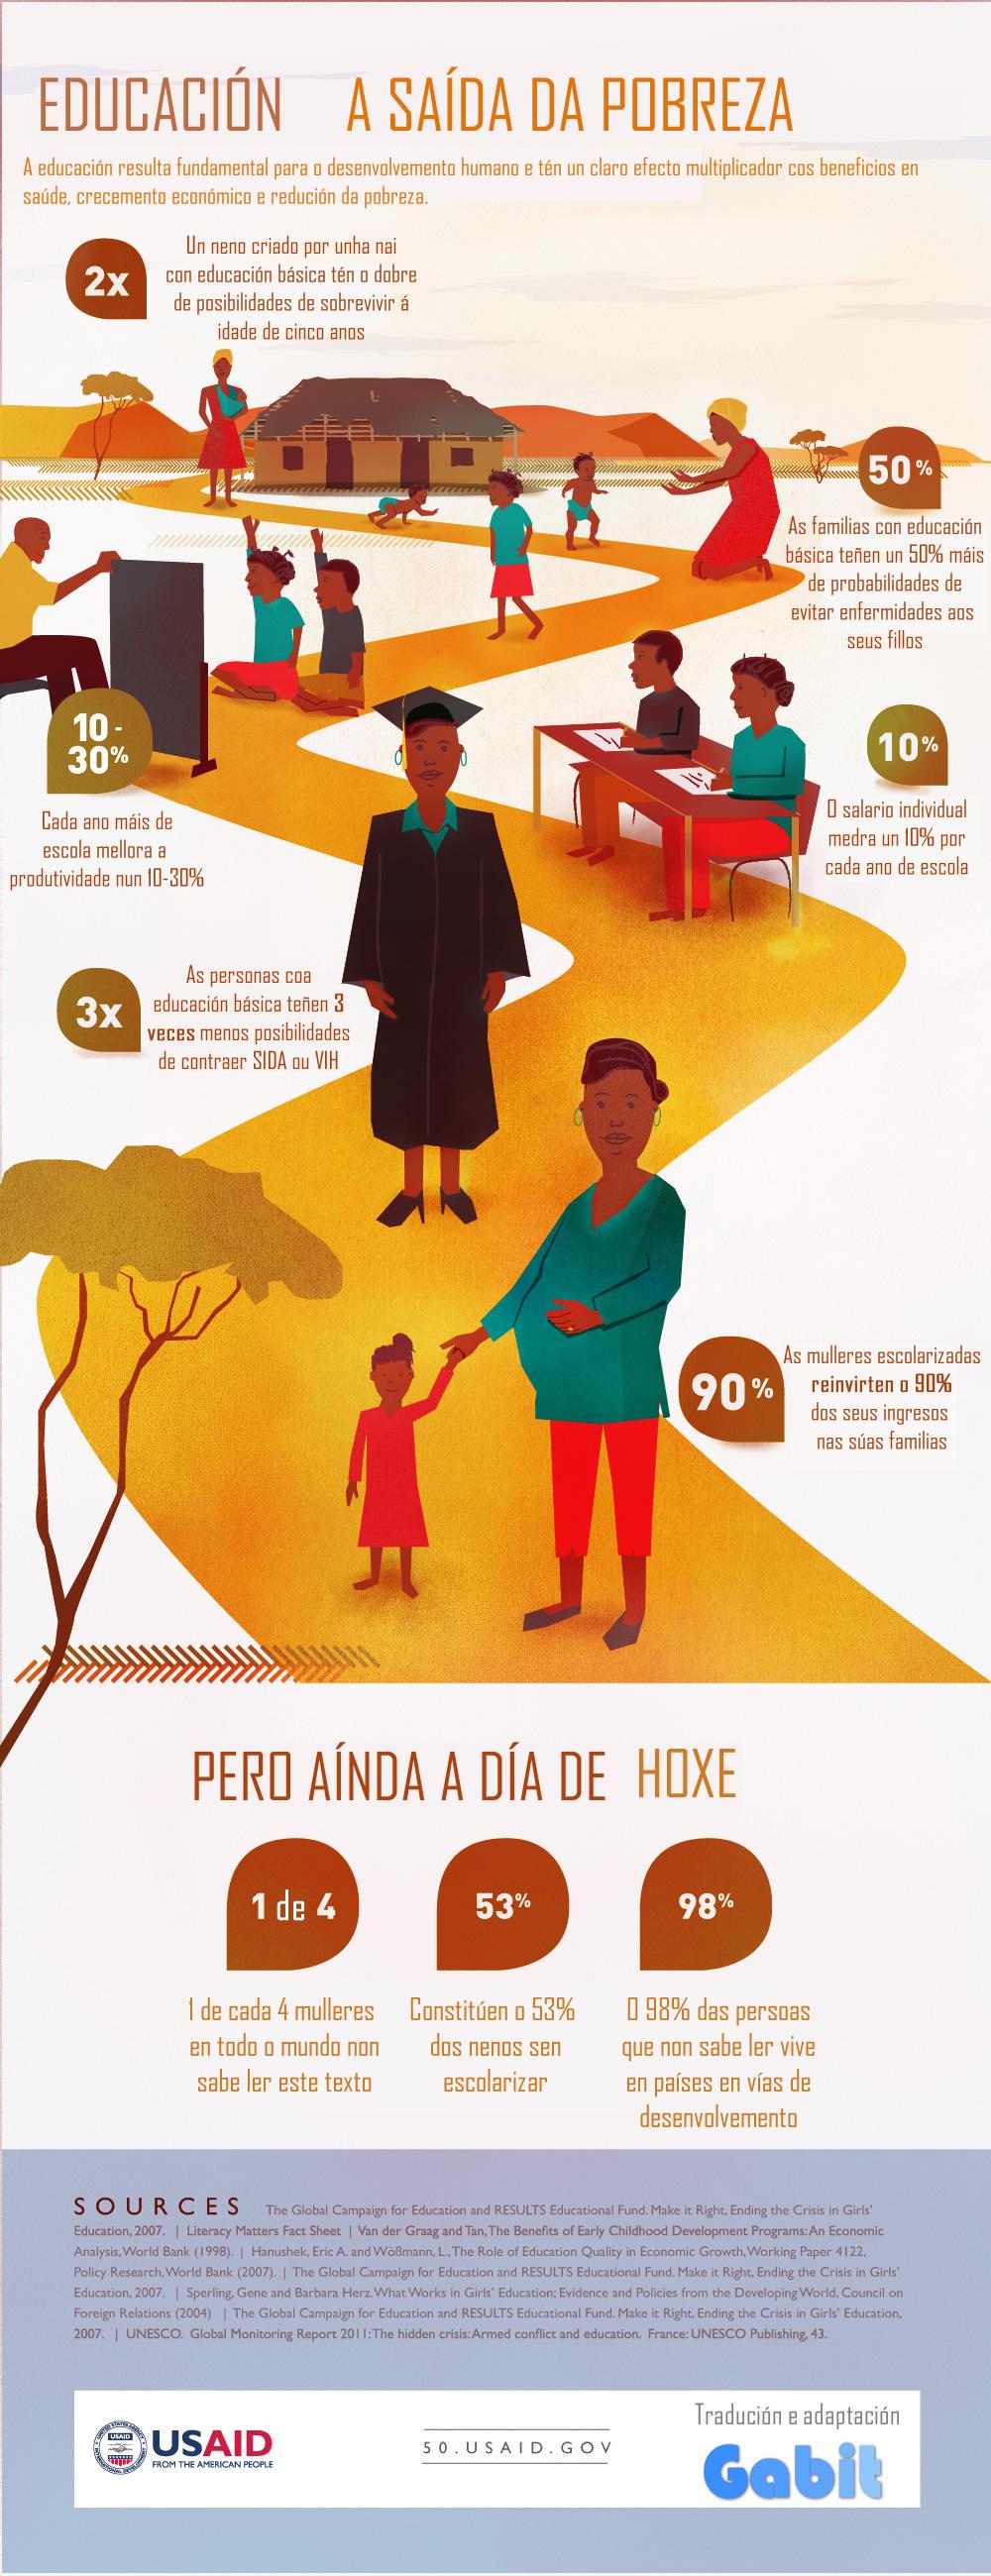 Infografía sobre a Educación como saída da pobreza